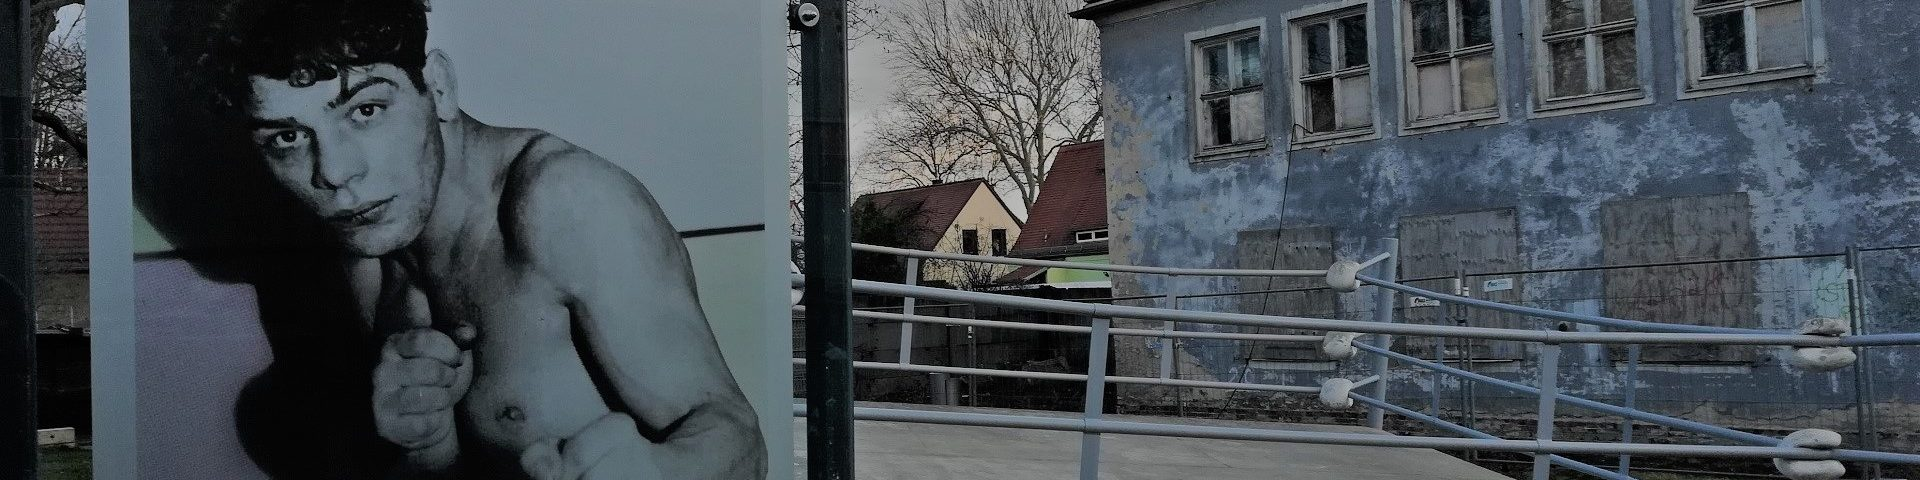 Dresdner Gedenkkultur zwischen Pädagogik und Emotionen